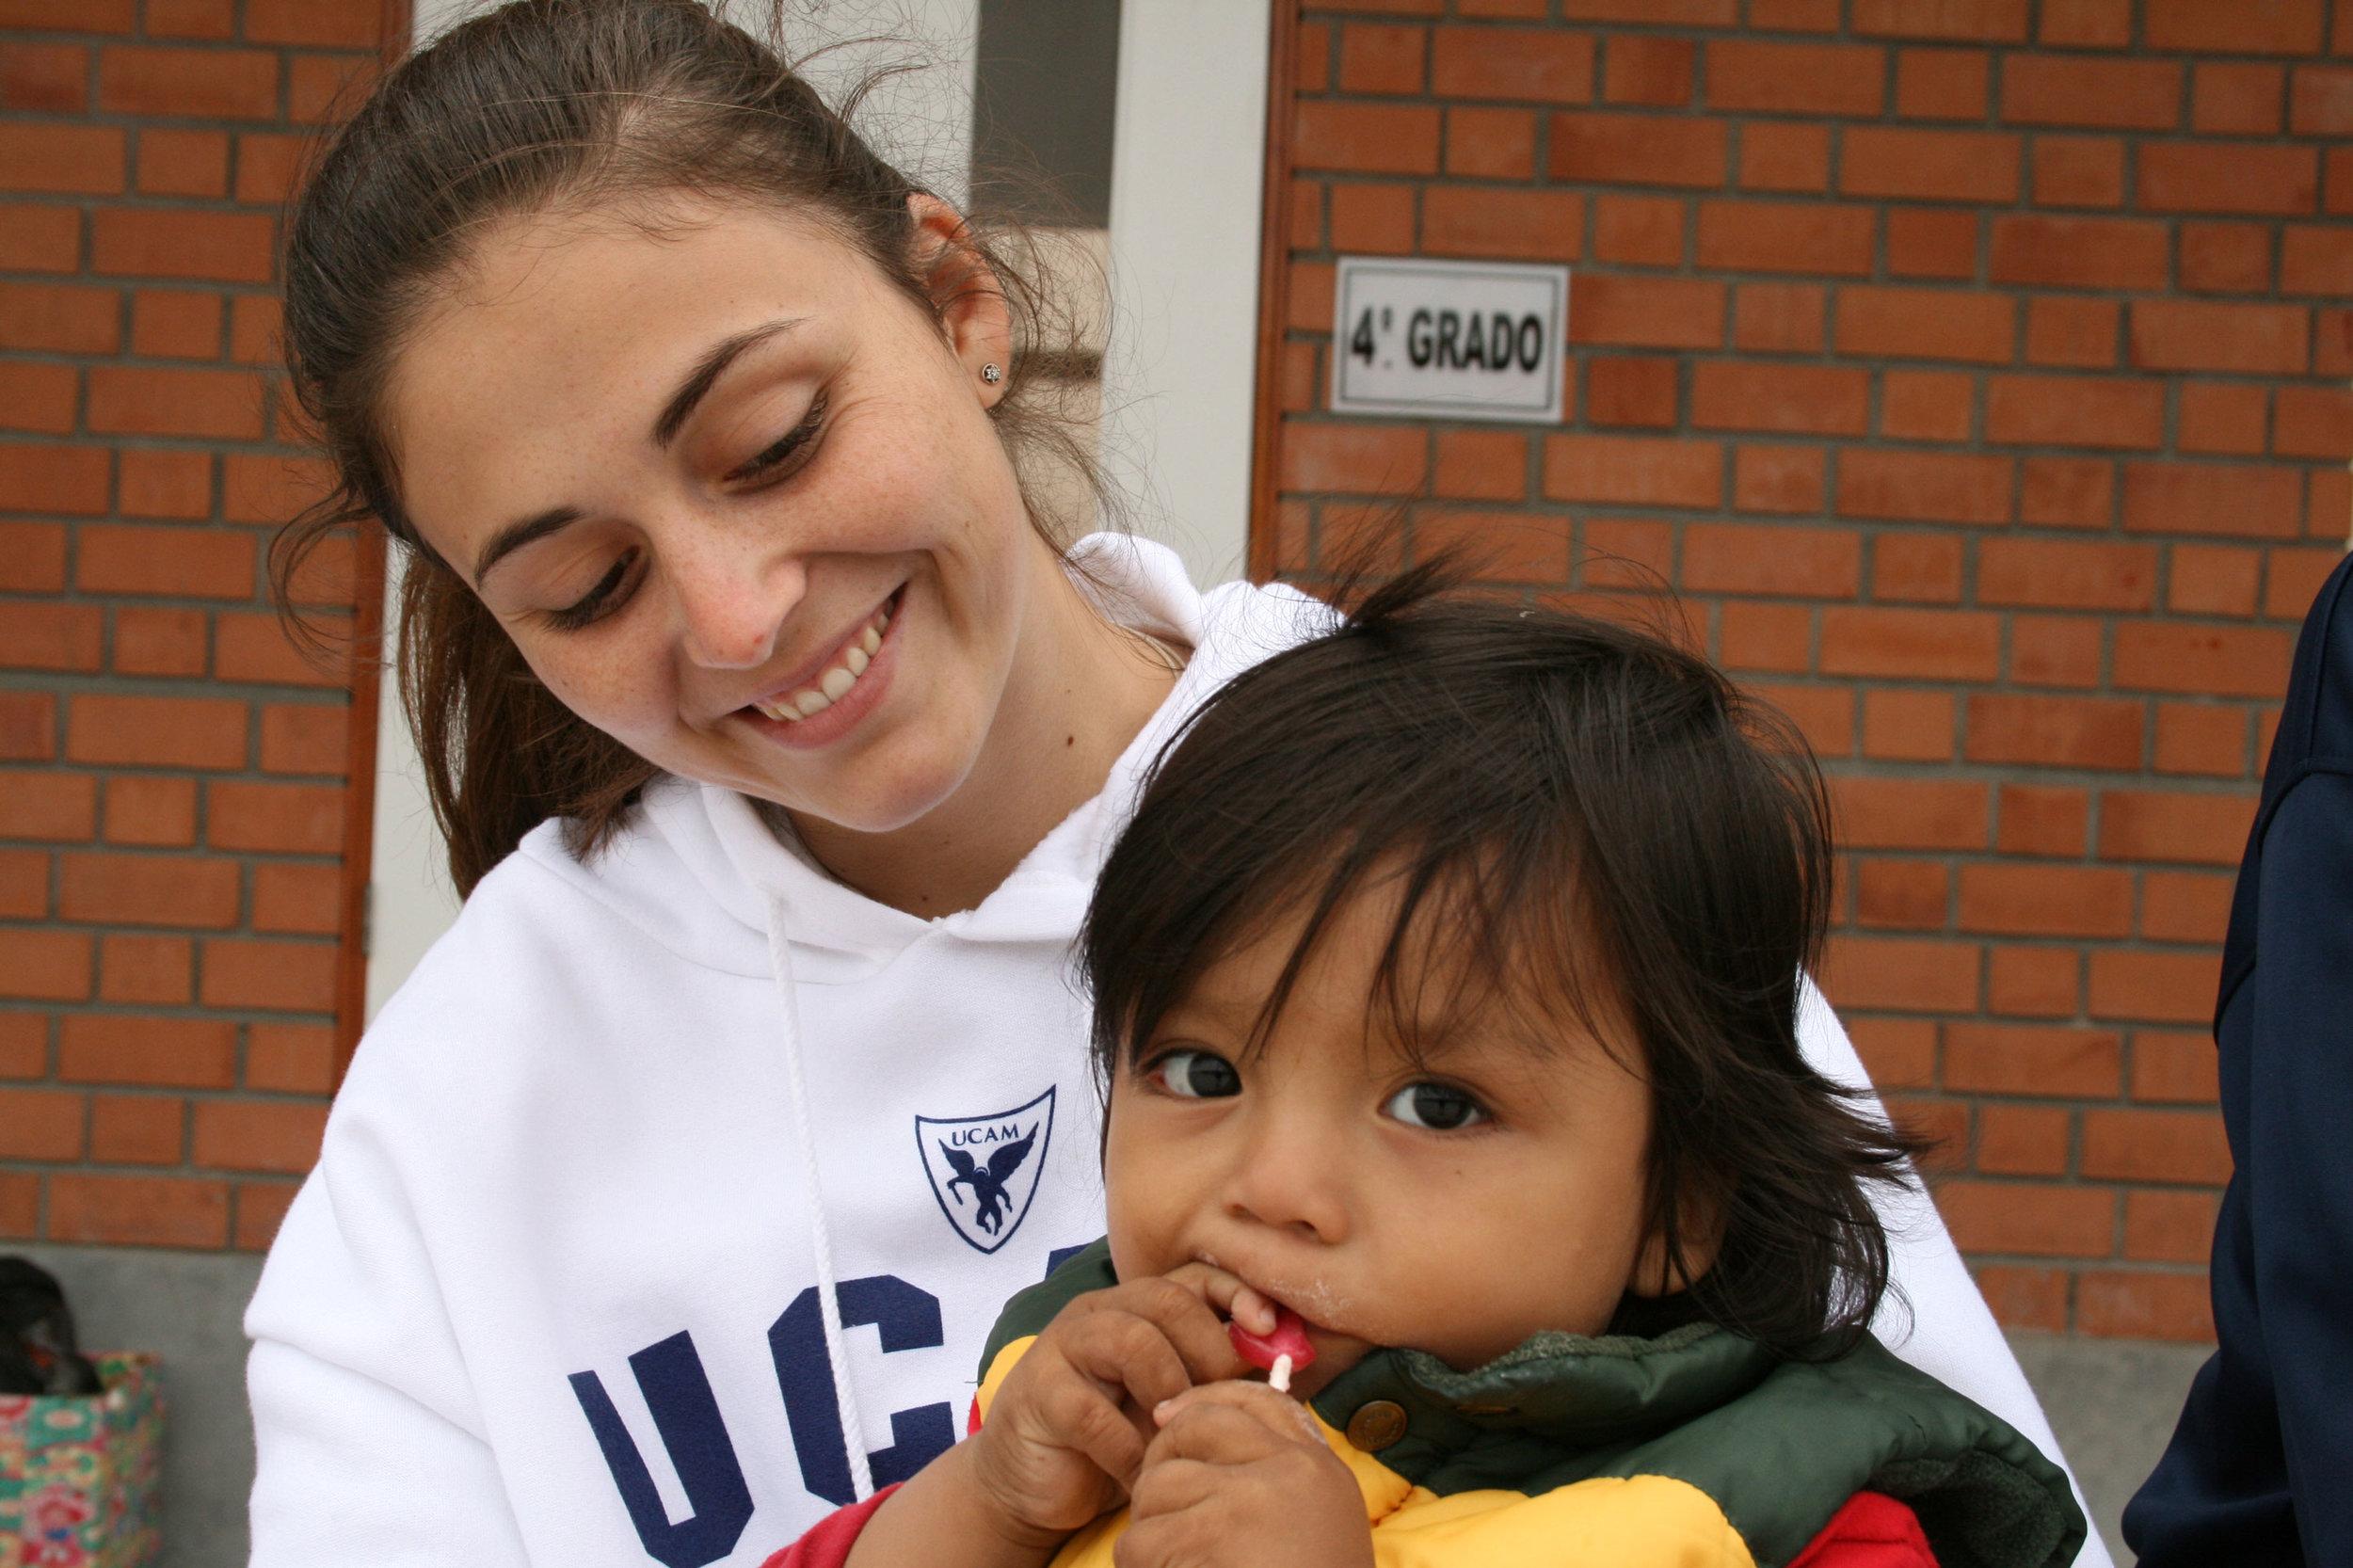 Voluntariado UCAM